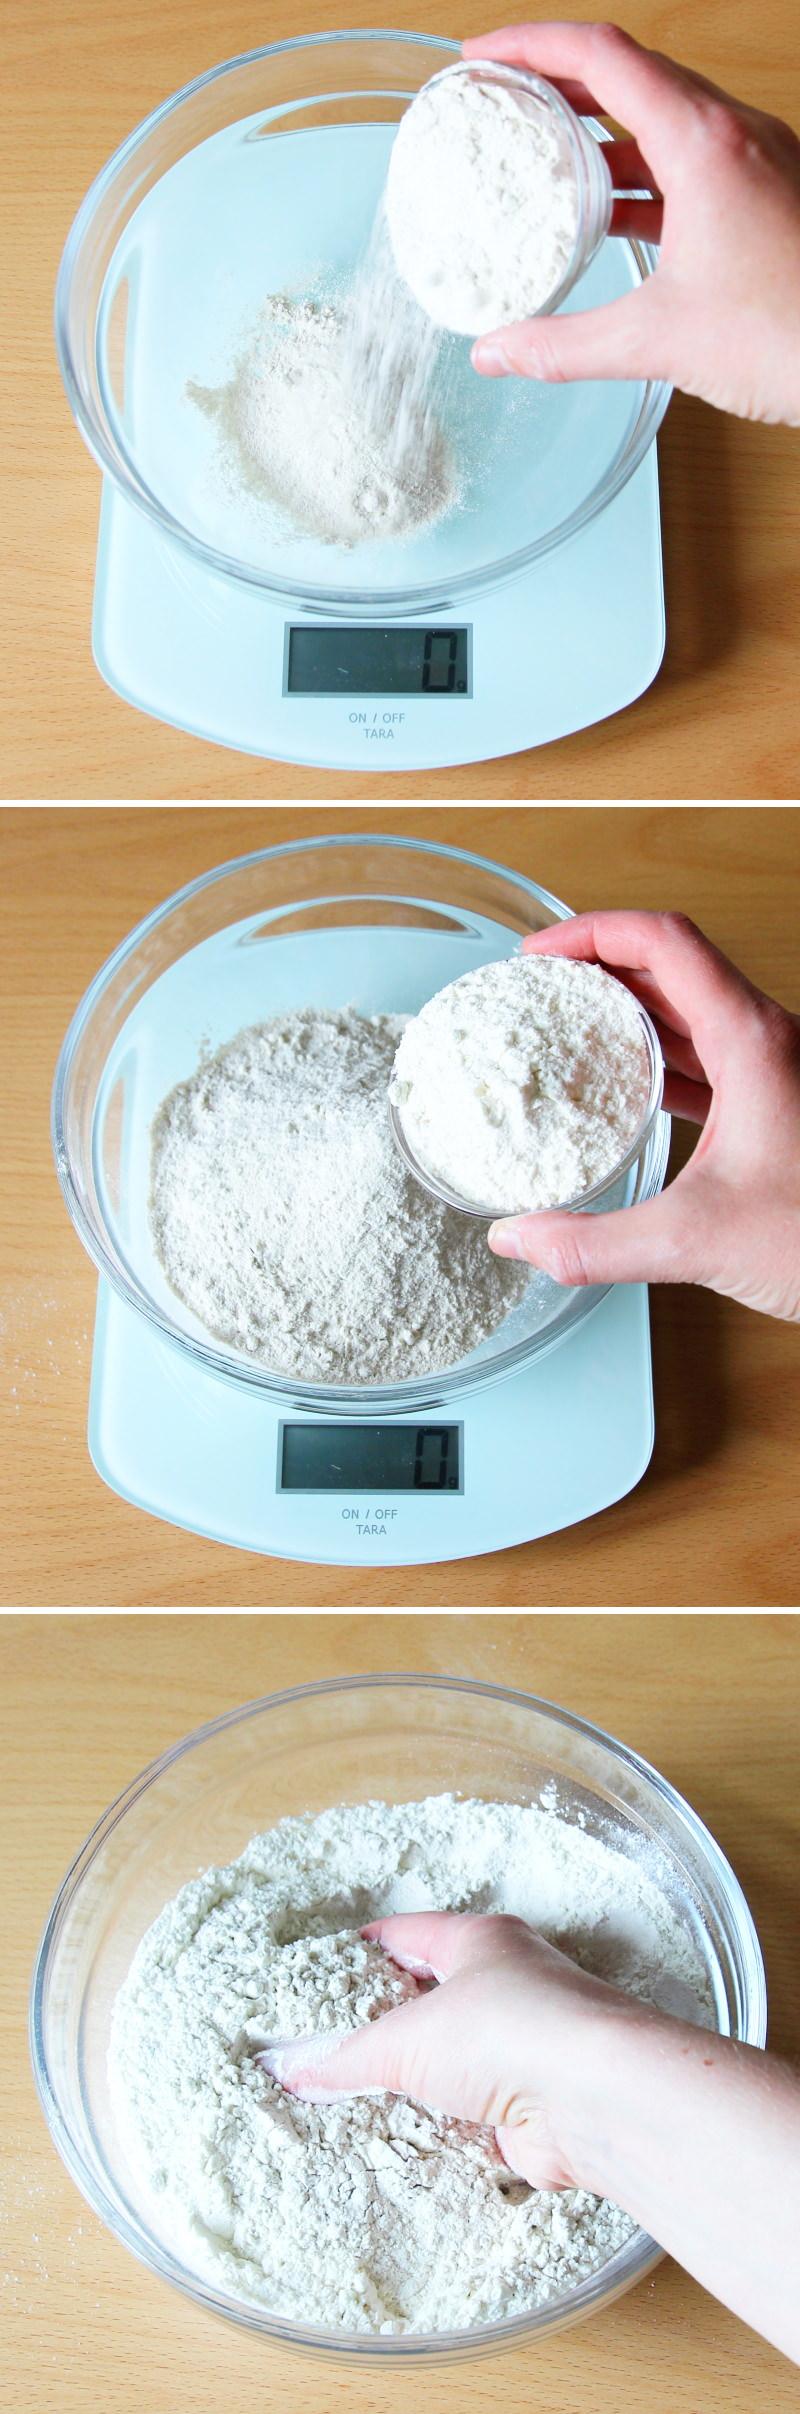 Soba Nudeln selbst machen Schritt 2 Mehl vermischen